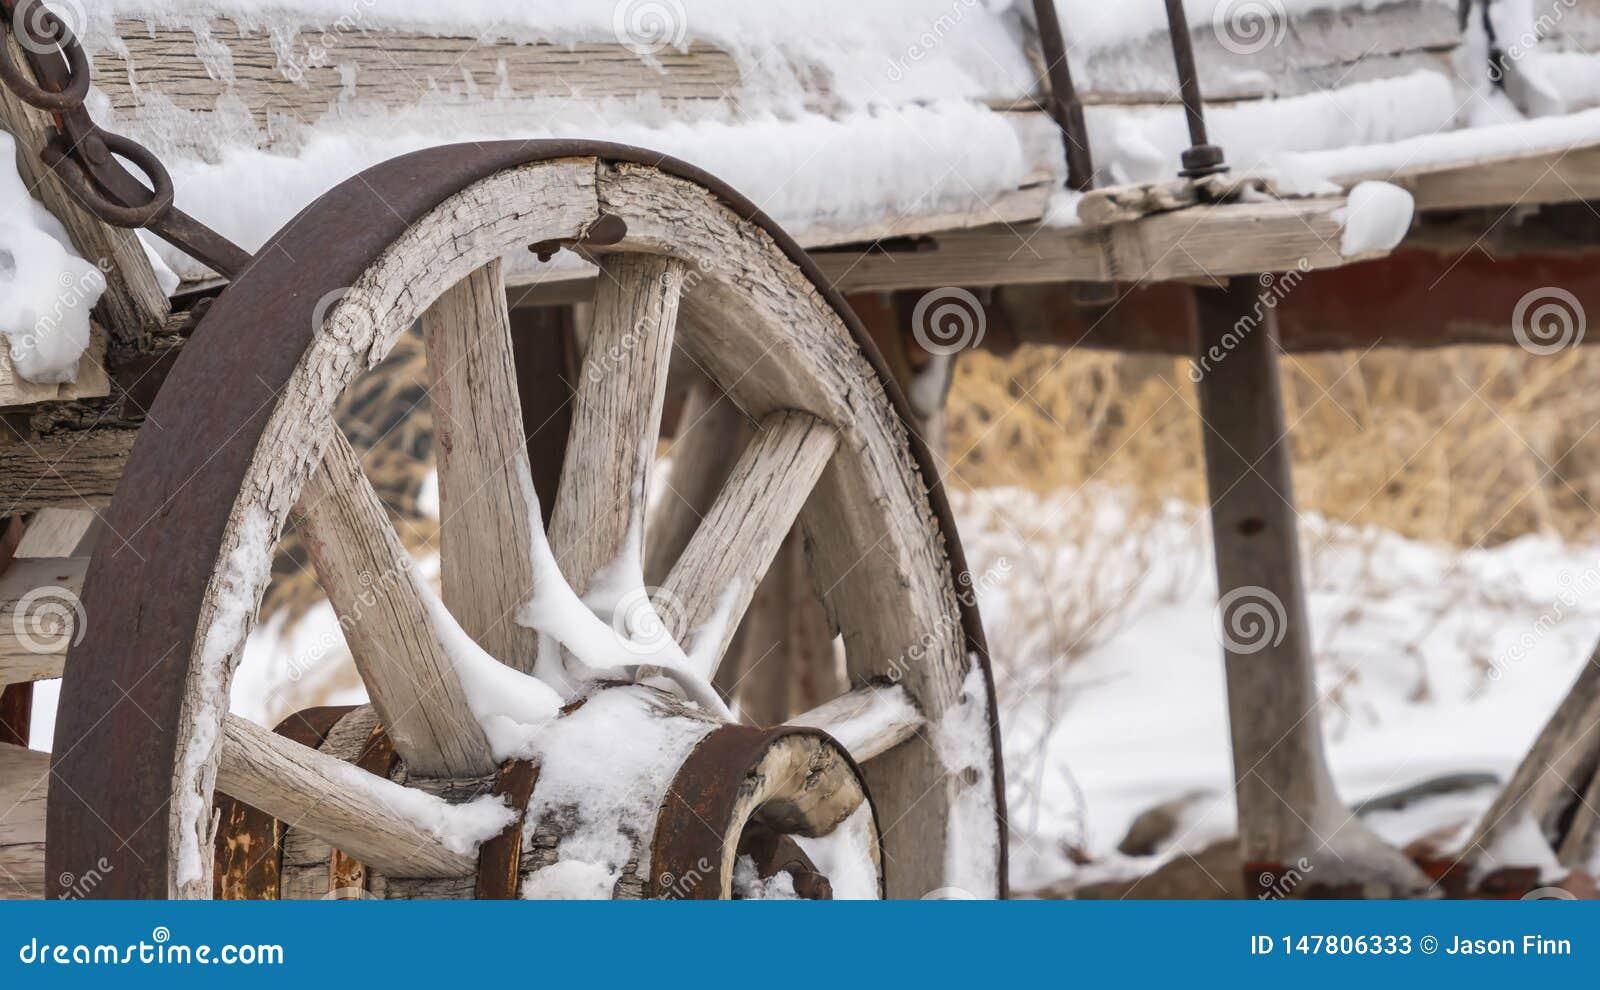 Panorama claro um vagão de madeira velho com as rodas oxidadas espanadas com neve no inverno